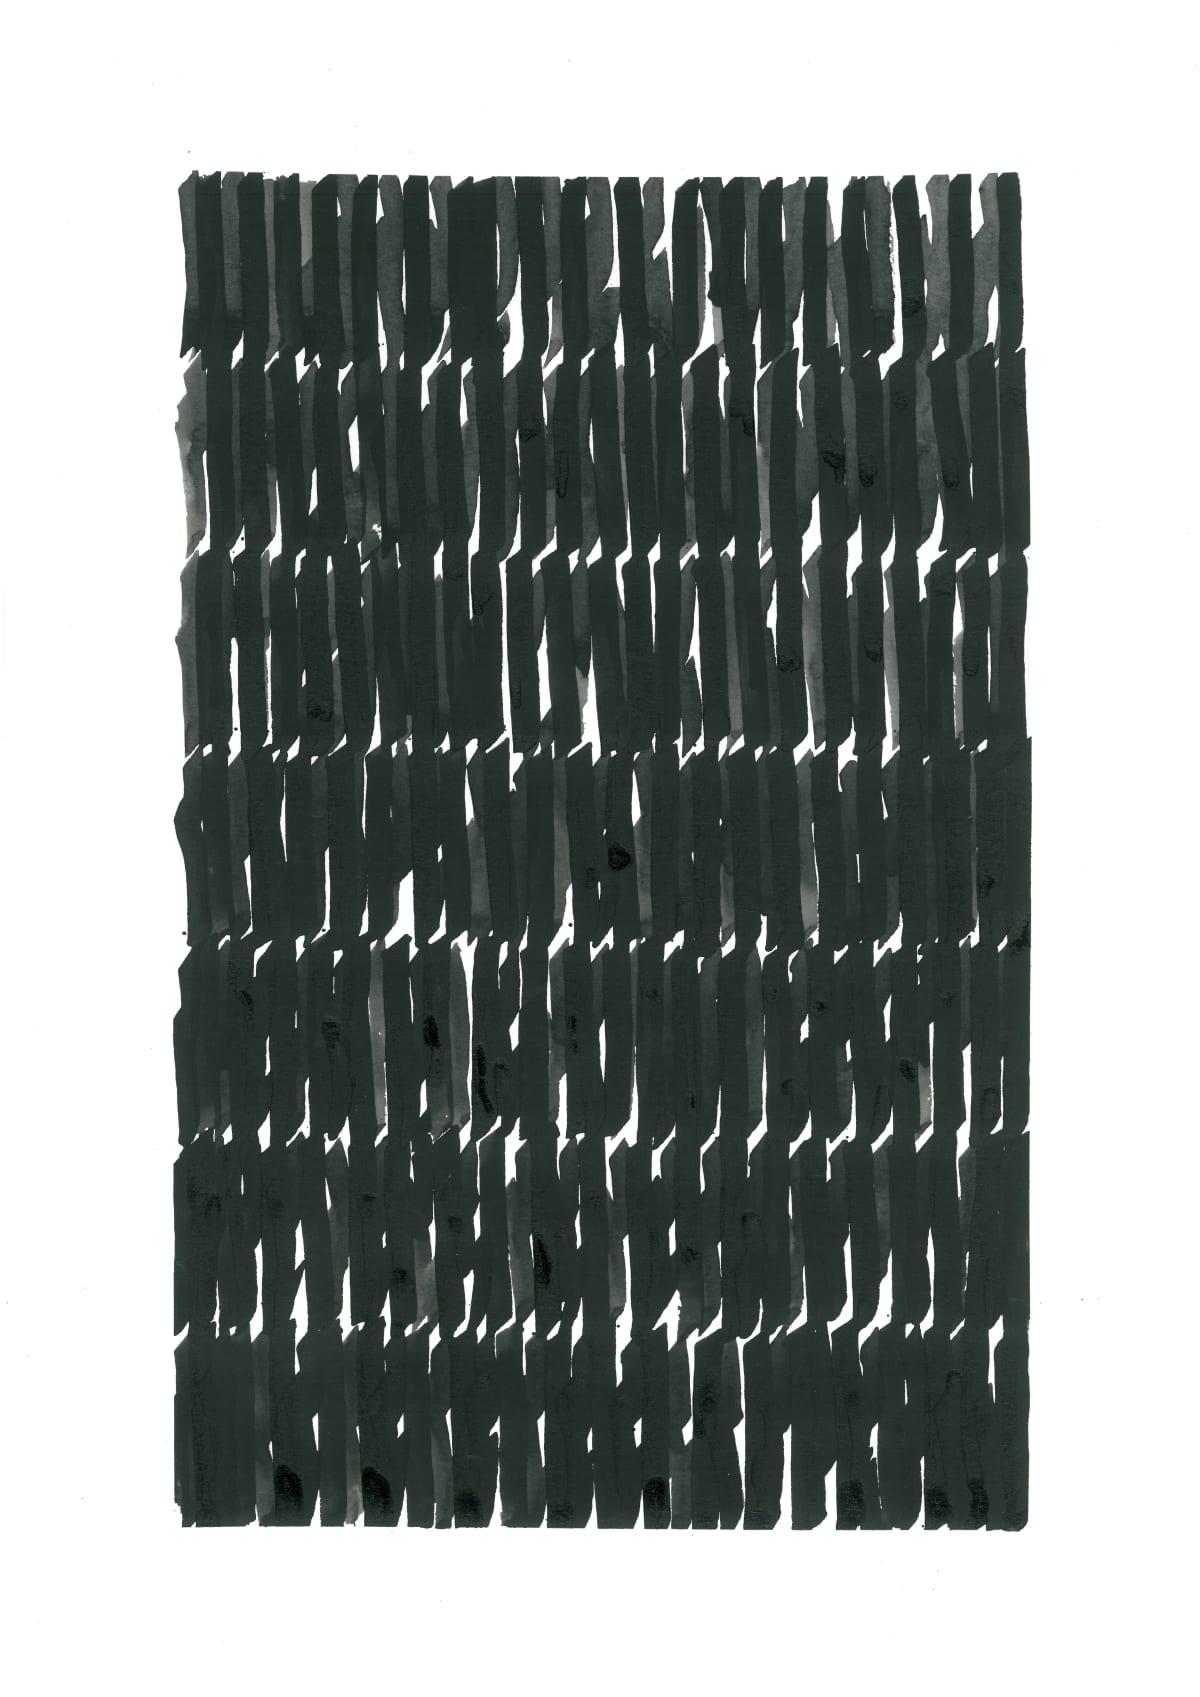 Mohammad Ali Talpur Untitled (Alif Series, 9), 2020 Ink on paper 42 x 29 cm 16 1/2 x 11 7/16 in